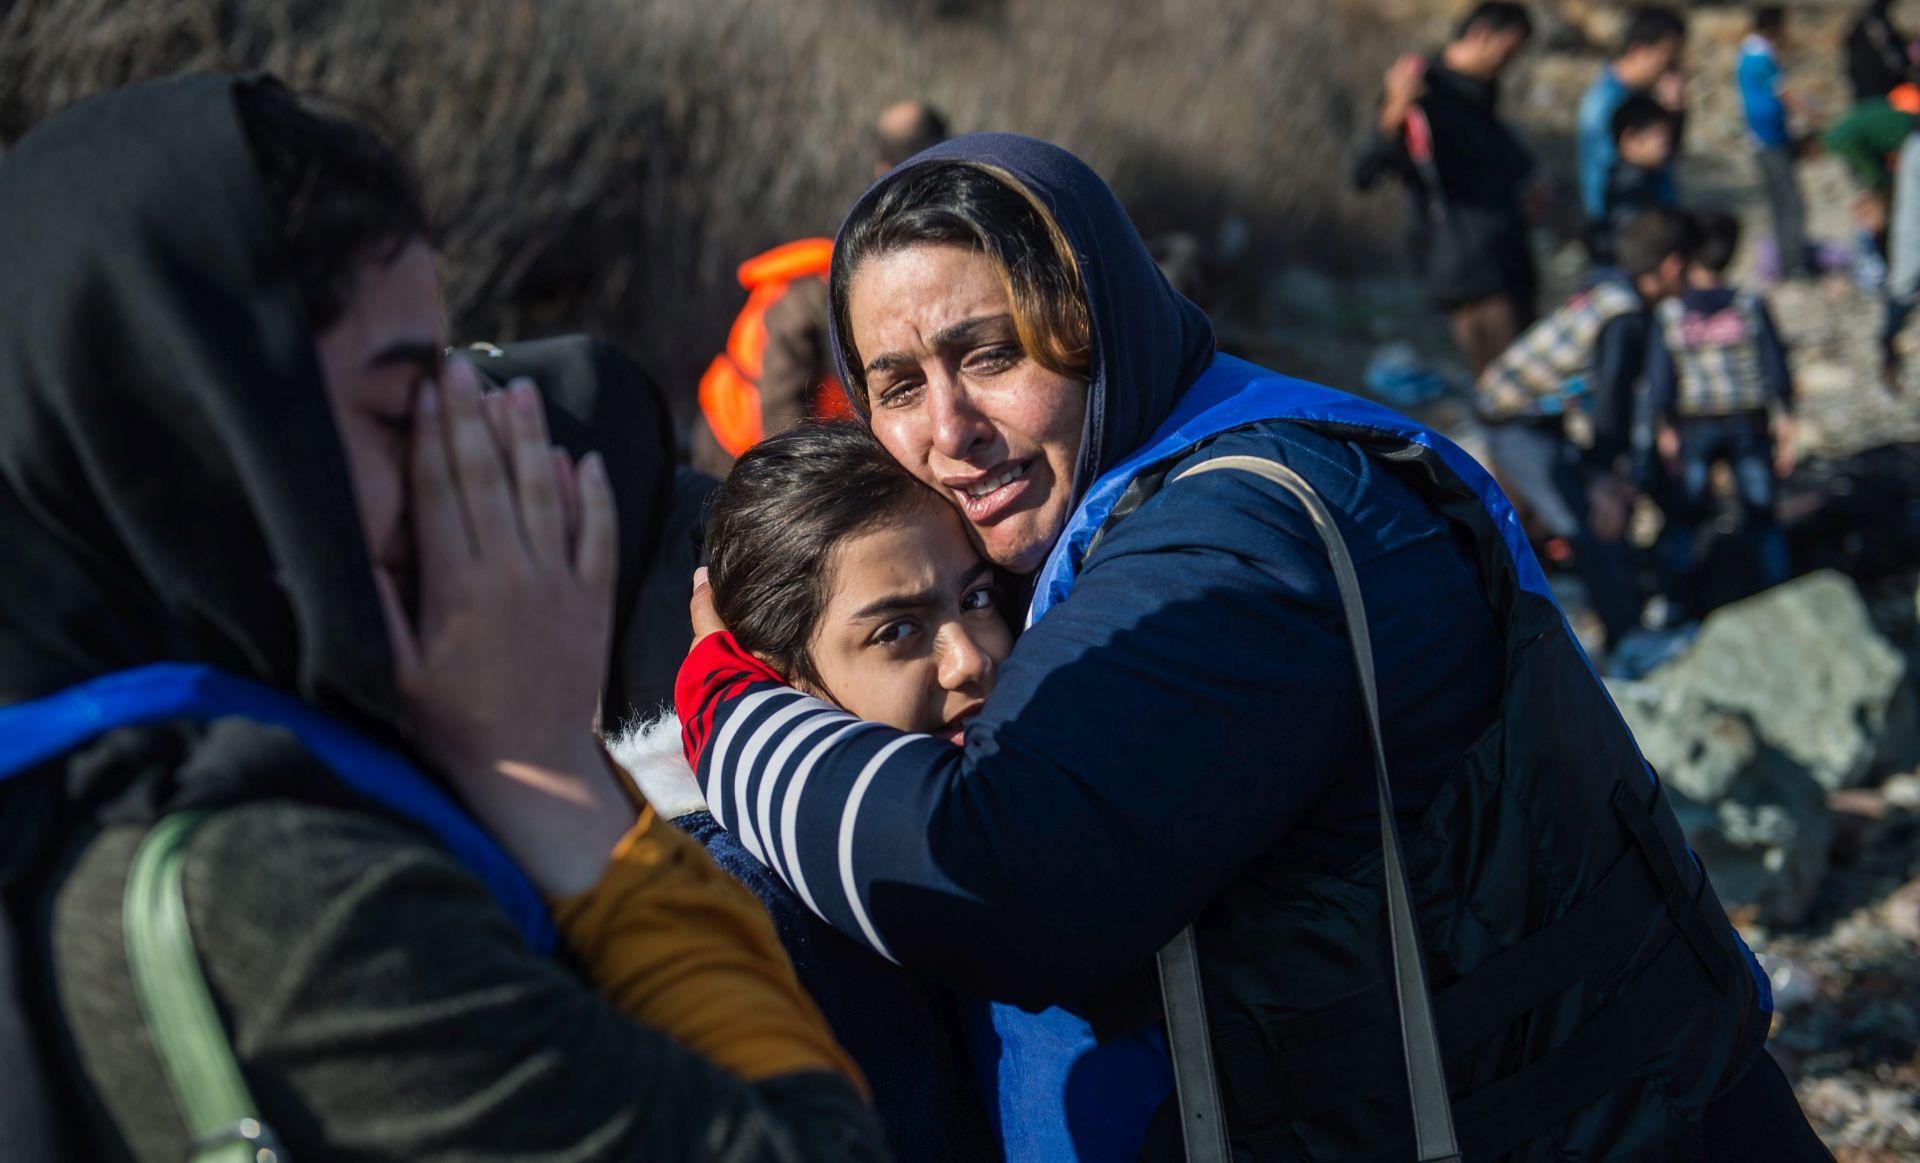 APSOLUTNI REKORD U LISTOPADU Morskim putem u Europu stiglo 218.394 migranata